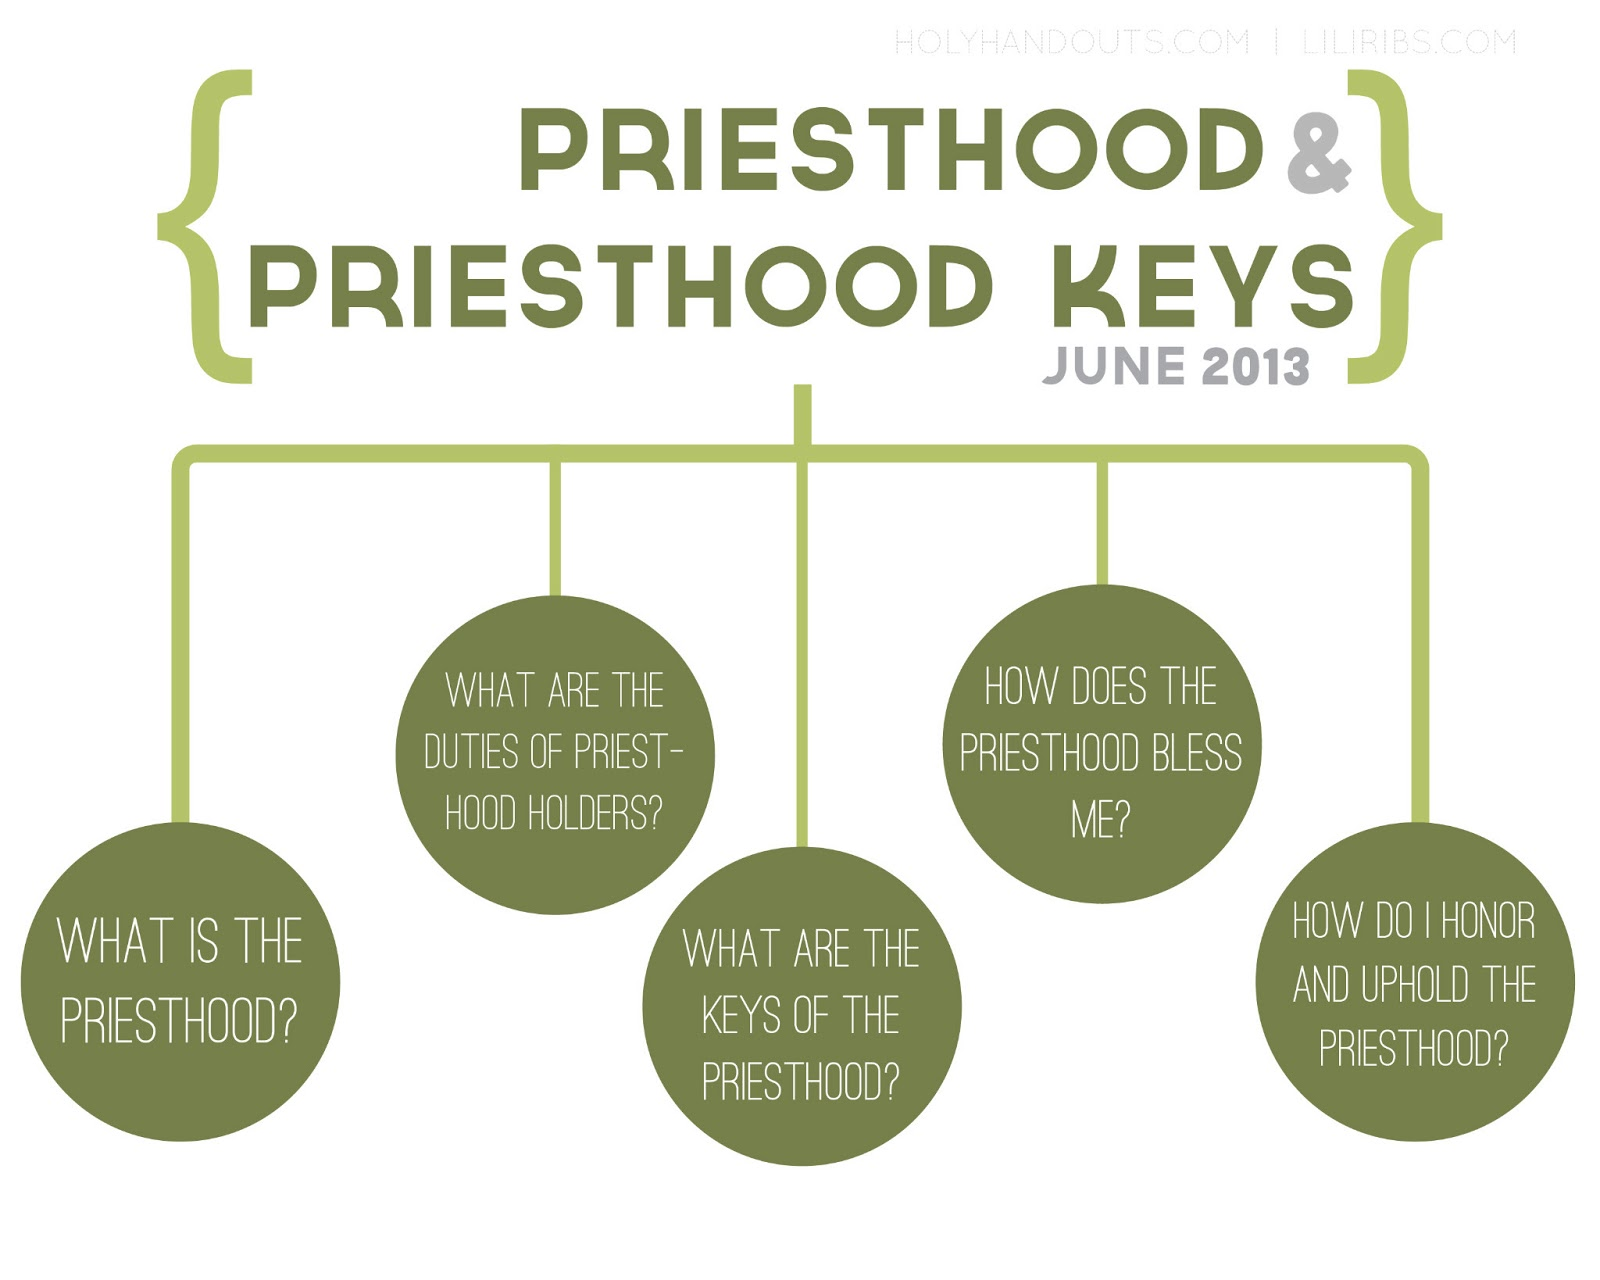 June Priesthood And Priesthood Keys Sugardoodlenet | Party ...